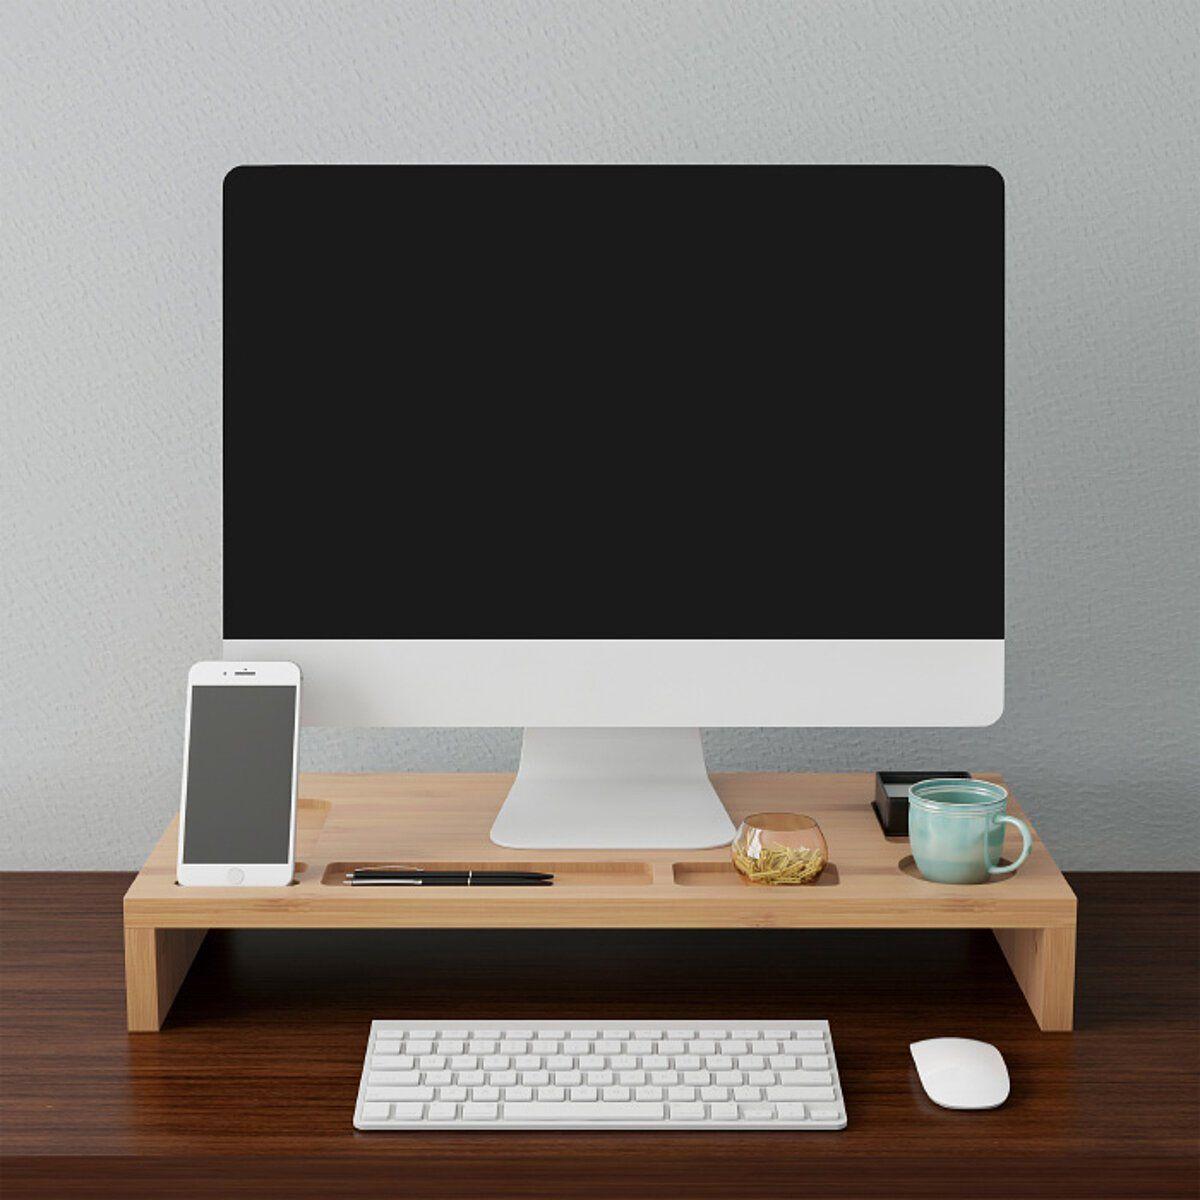 Desk Organizer Laptop Stand